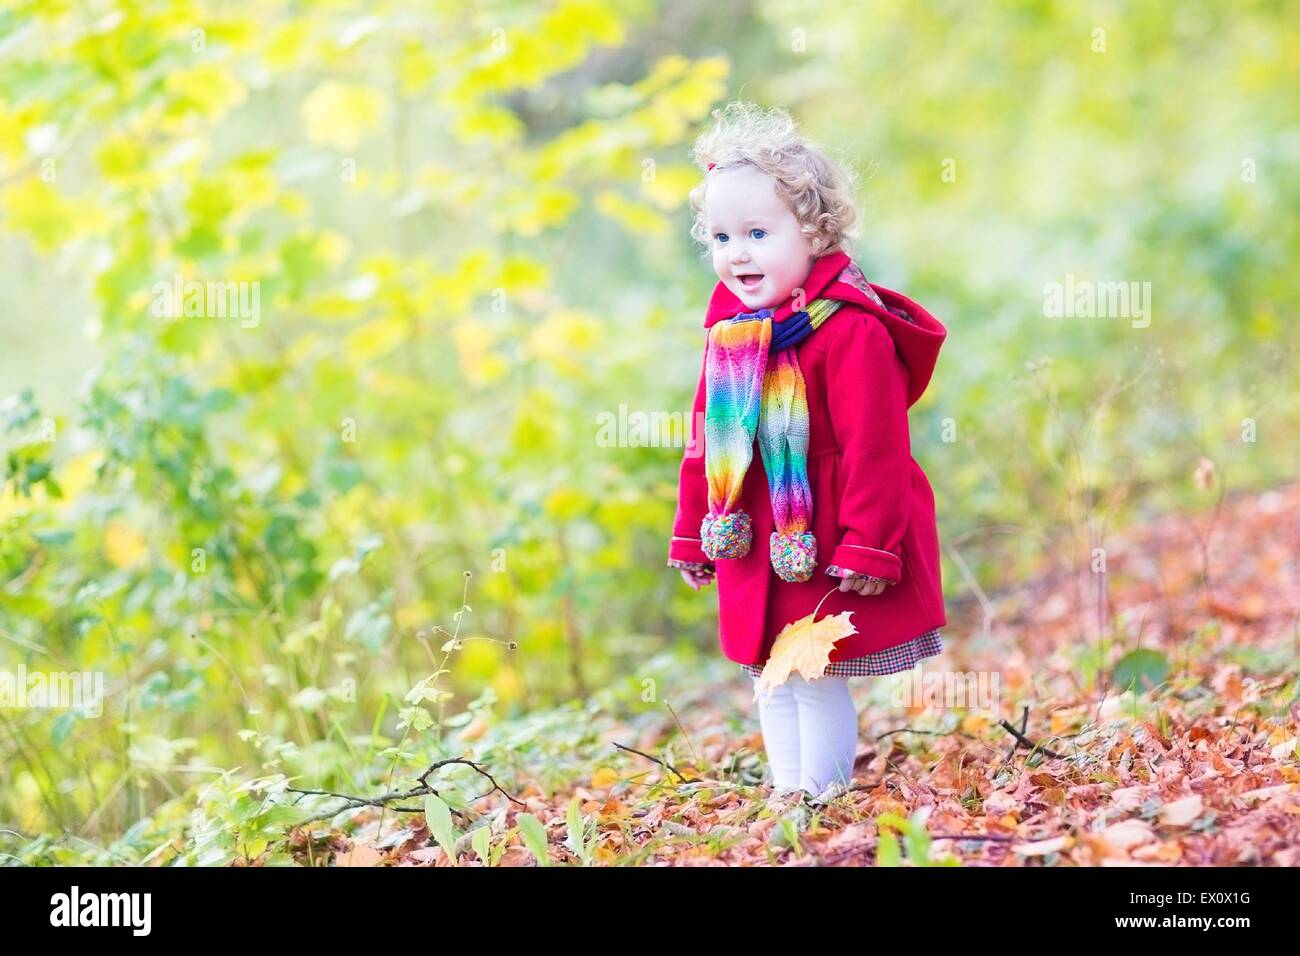 Adorable bébé fille dans un manteau rouge et foulard coloré jouant avec  jaune feuilles d  a802340b126